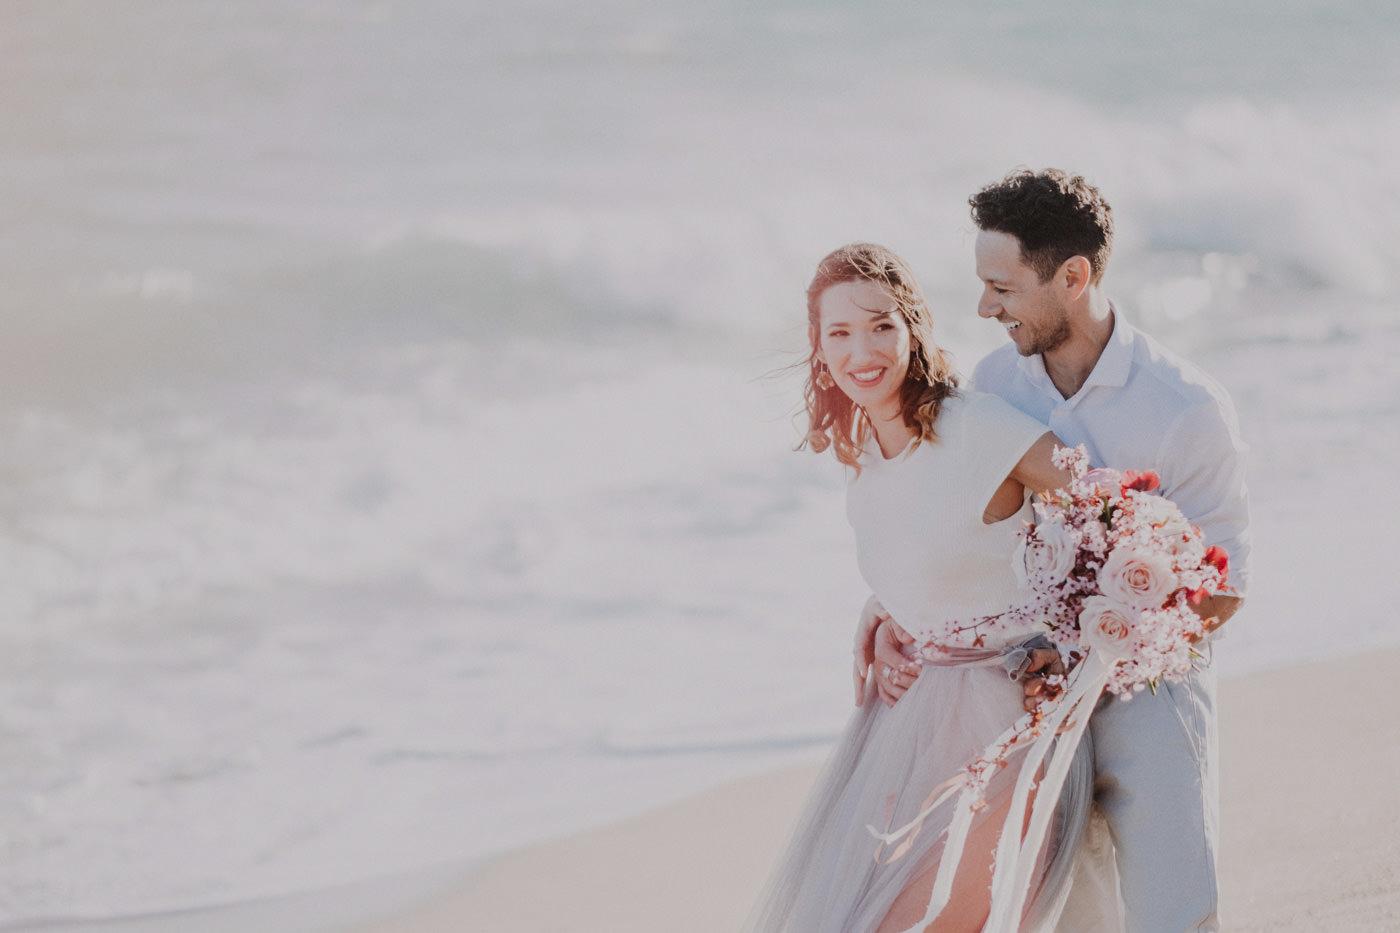 fotografo di matrimonio reportage di coppia-62.jpg